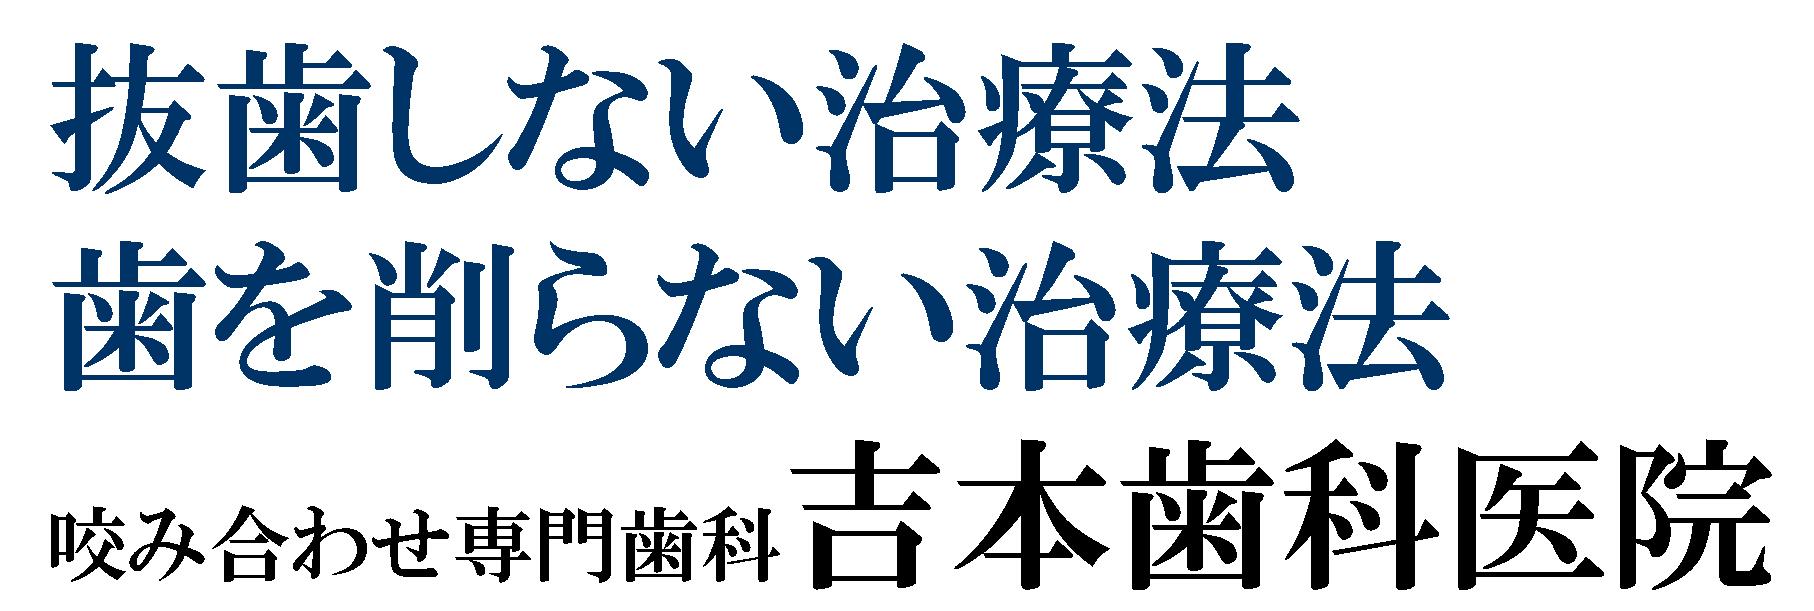 抜歯しない治療,できるだけ歯を削らない治療,なら香川県,高松市の吉本歯科医院